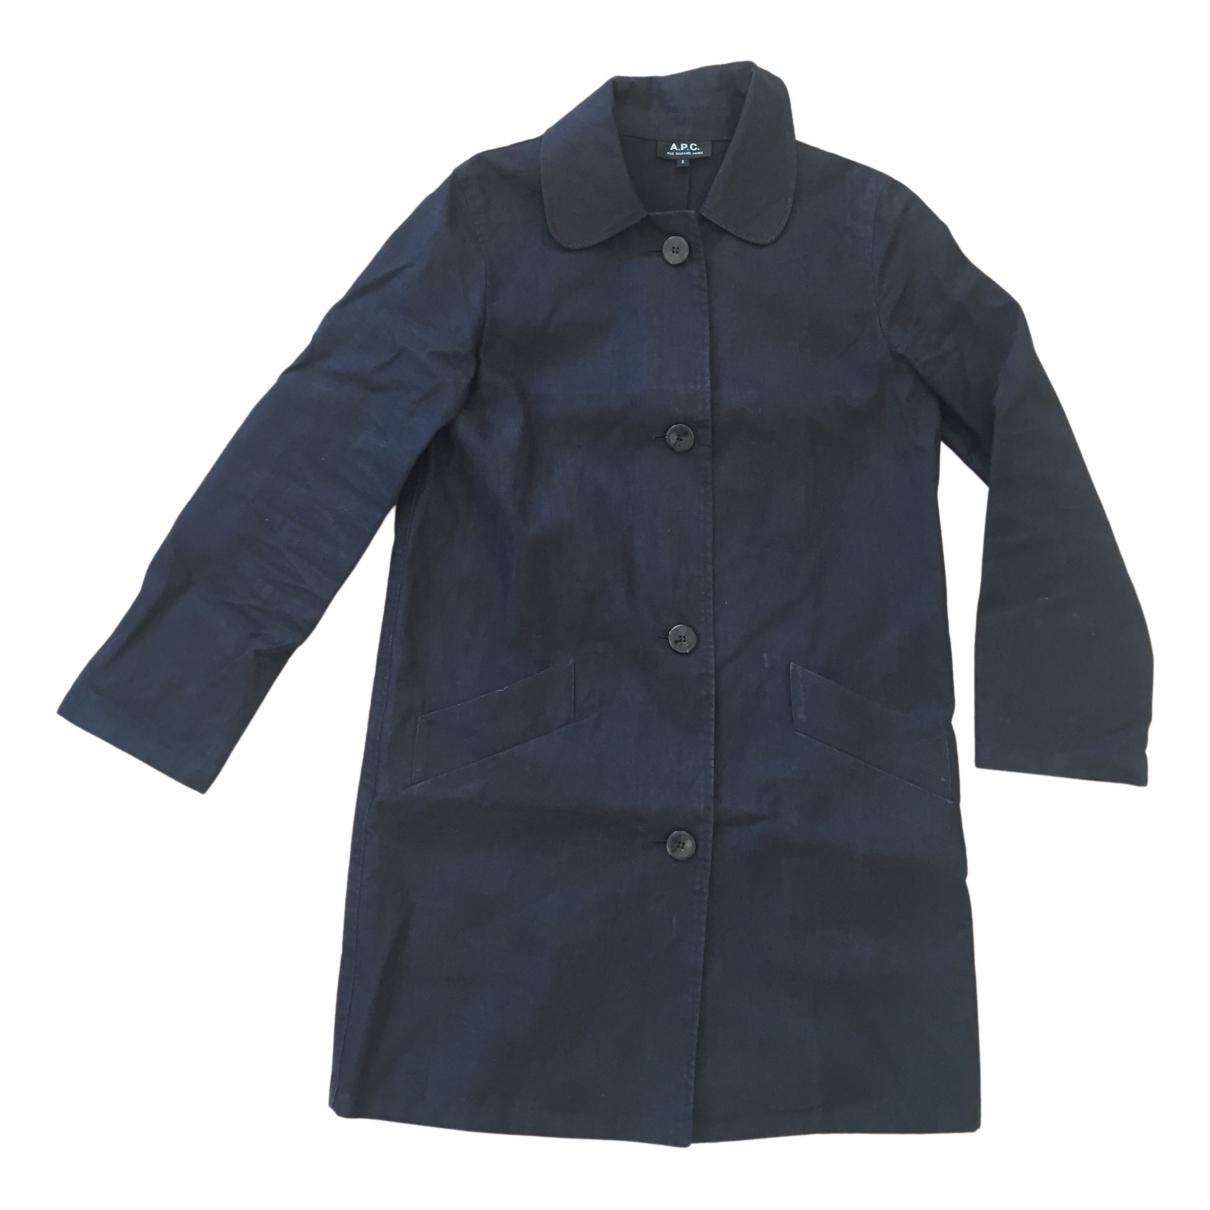 Apc - Manteau   pour femme en lin - noir